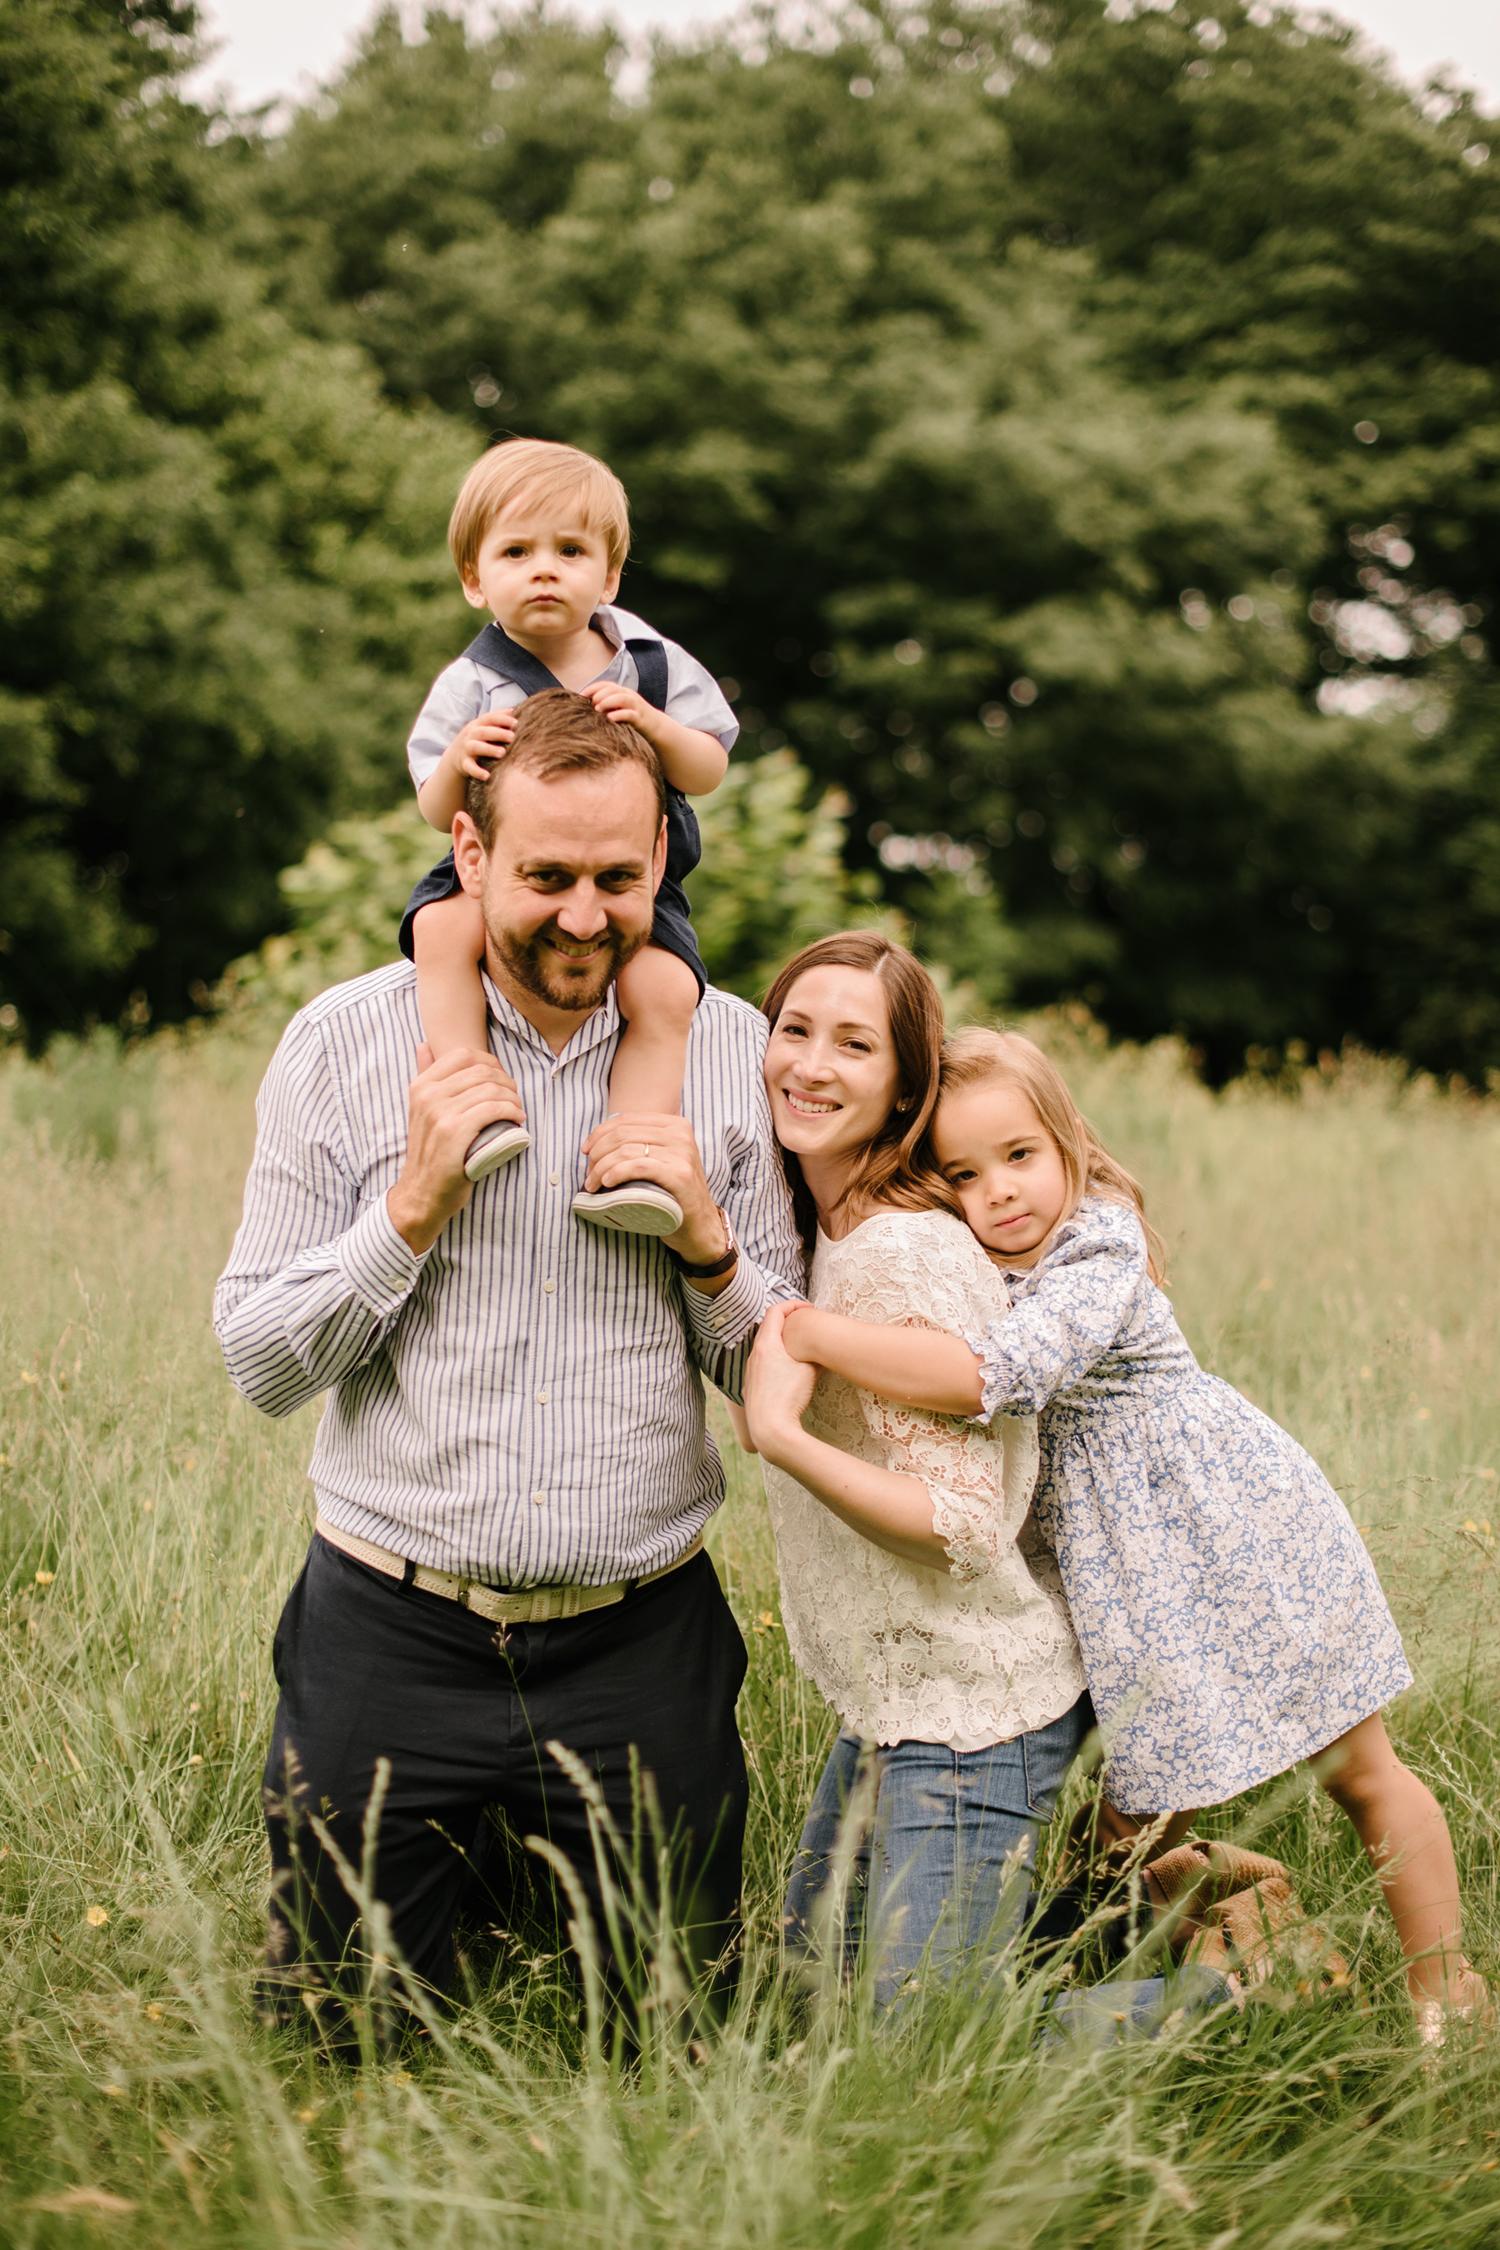 Hampstead-Heath-Family-Photographer-025.jpg